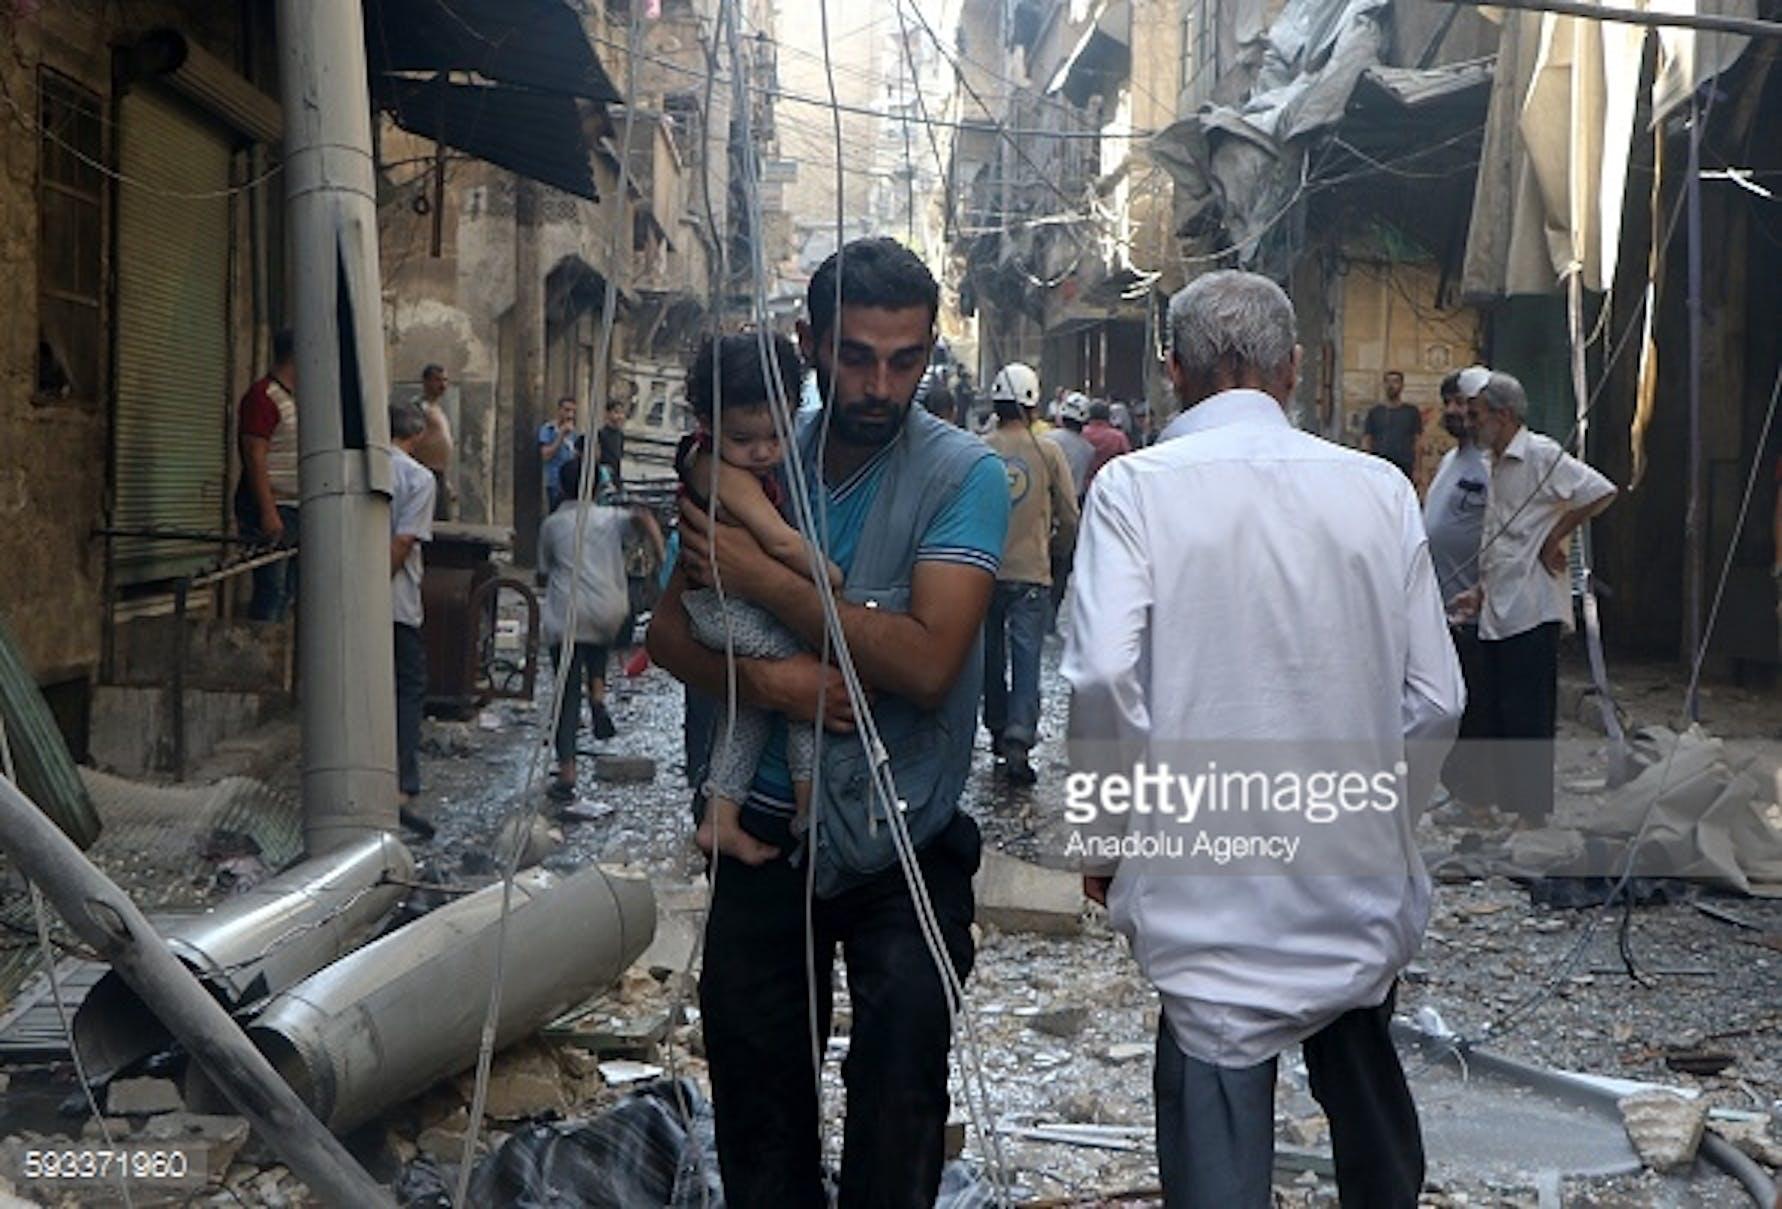 Photo by Ibrahim Ebu Leys/Anadolu Agency/Getty Images